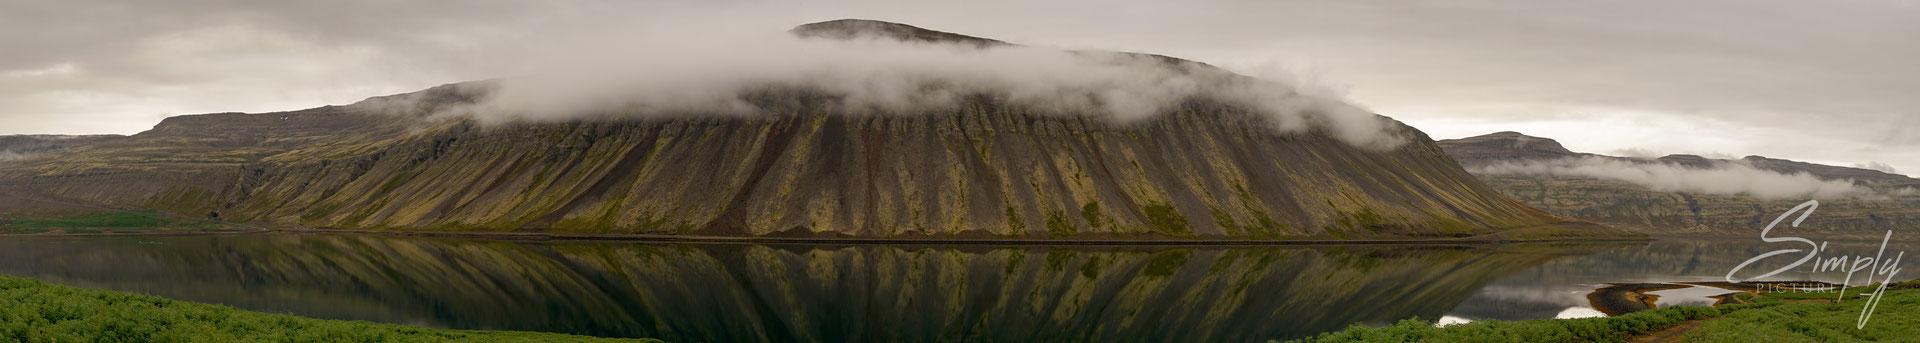 Patreksfjörður, Nebelbank in dem Fjord mit klarer Spiegelung.